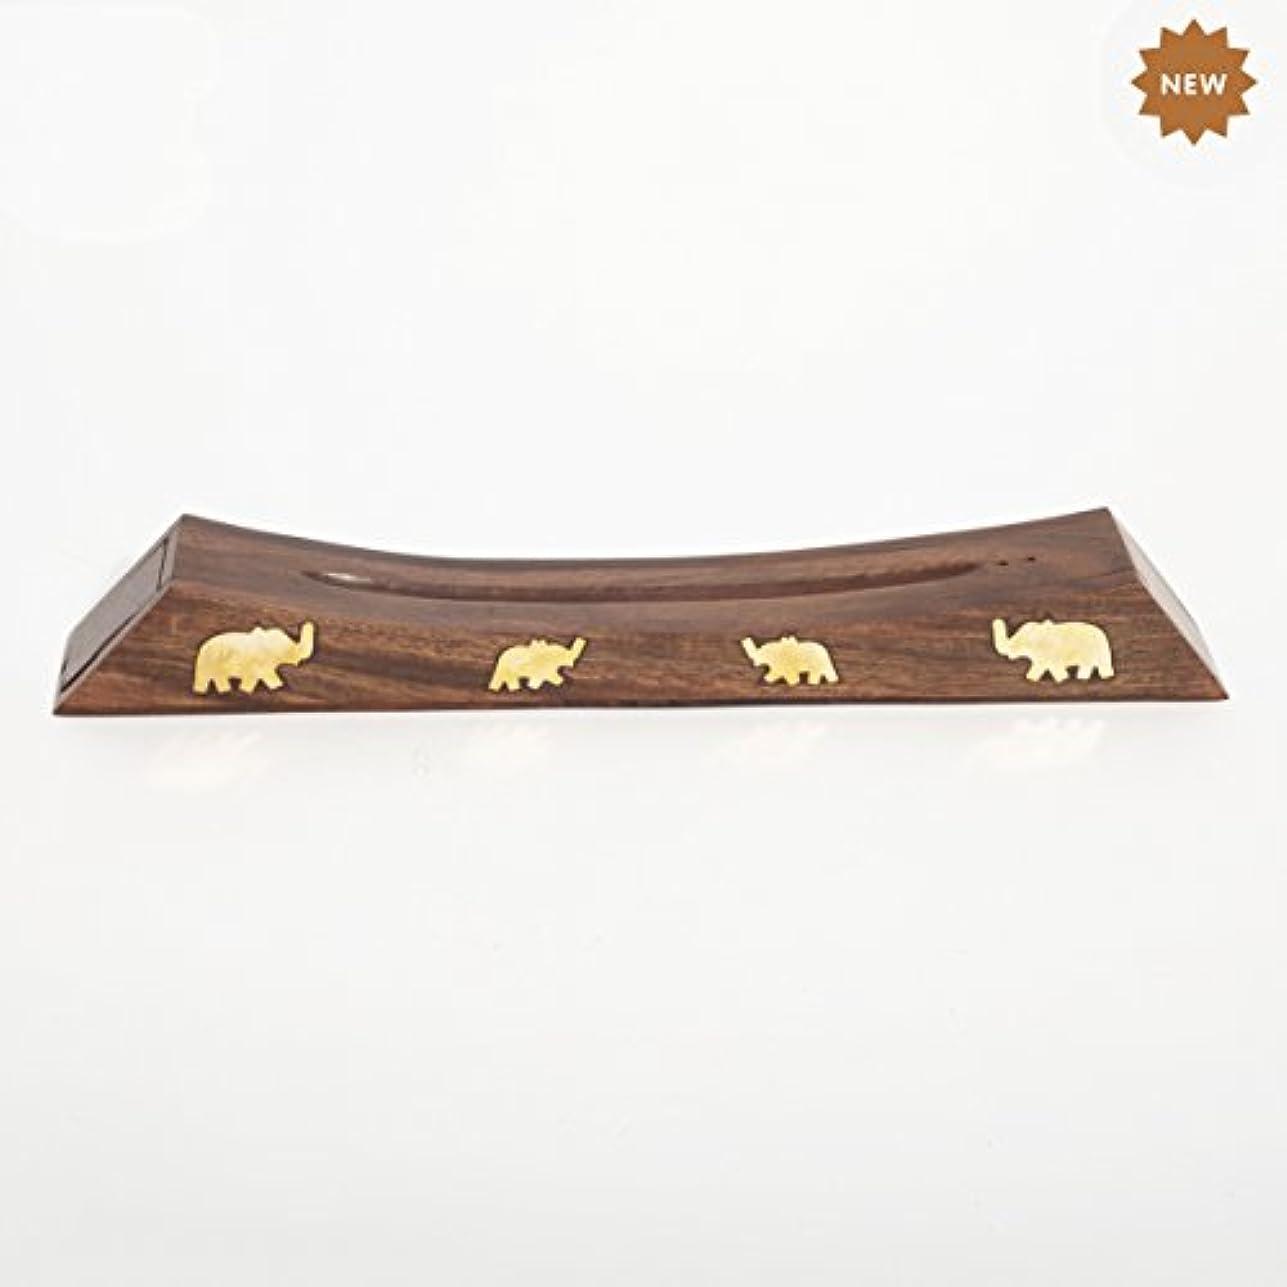 慈善満足できる取り囲むRusticity 木製お香スタンド お香スティック 収納スロット付き 象の真鍮インレー ハンドメイド 12.4x1.6インチ